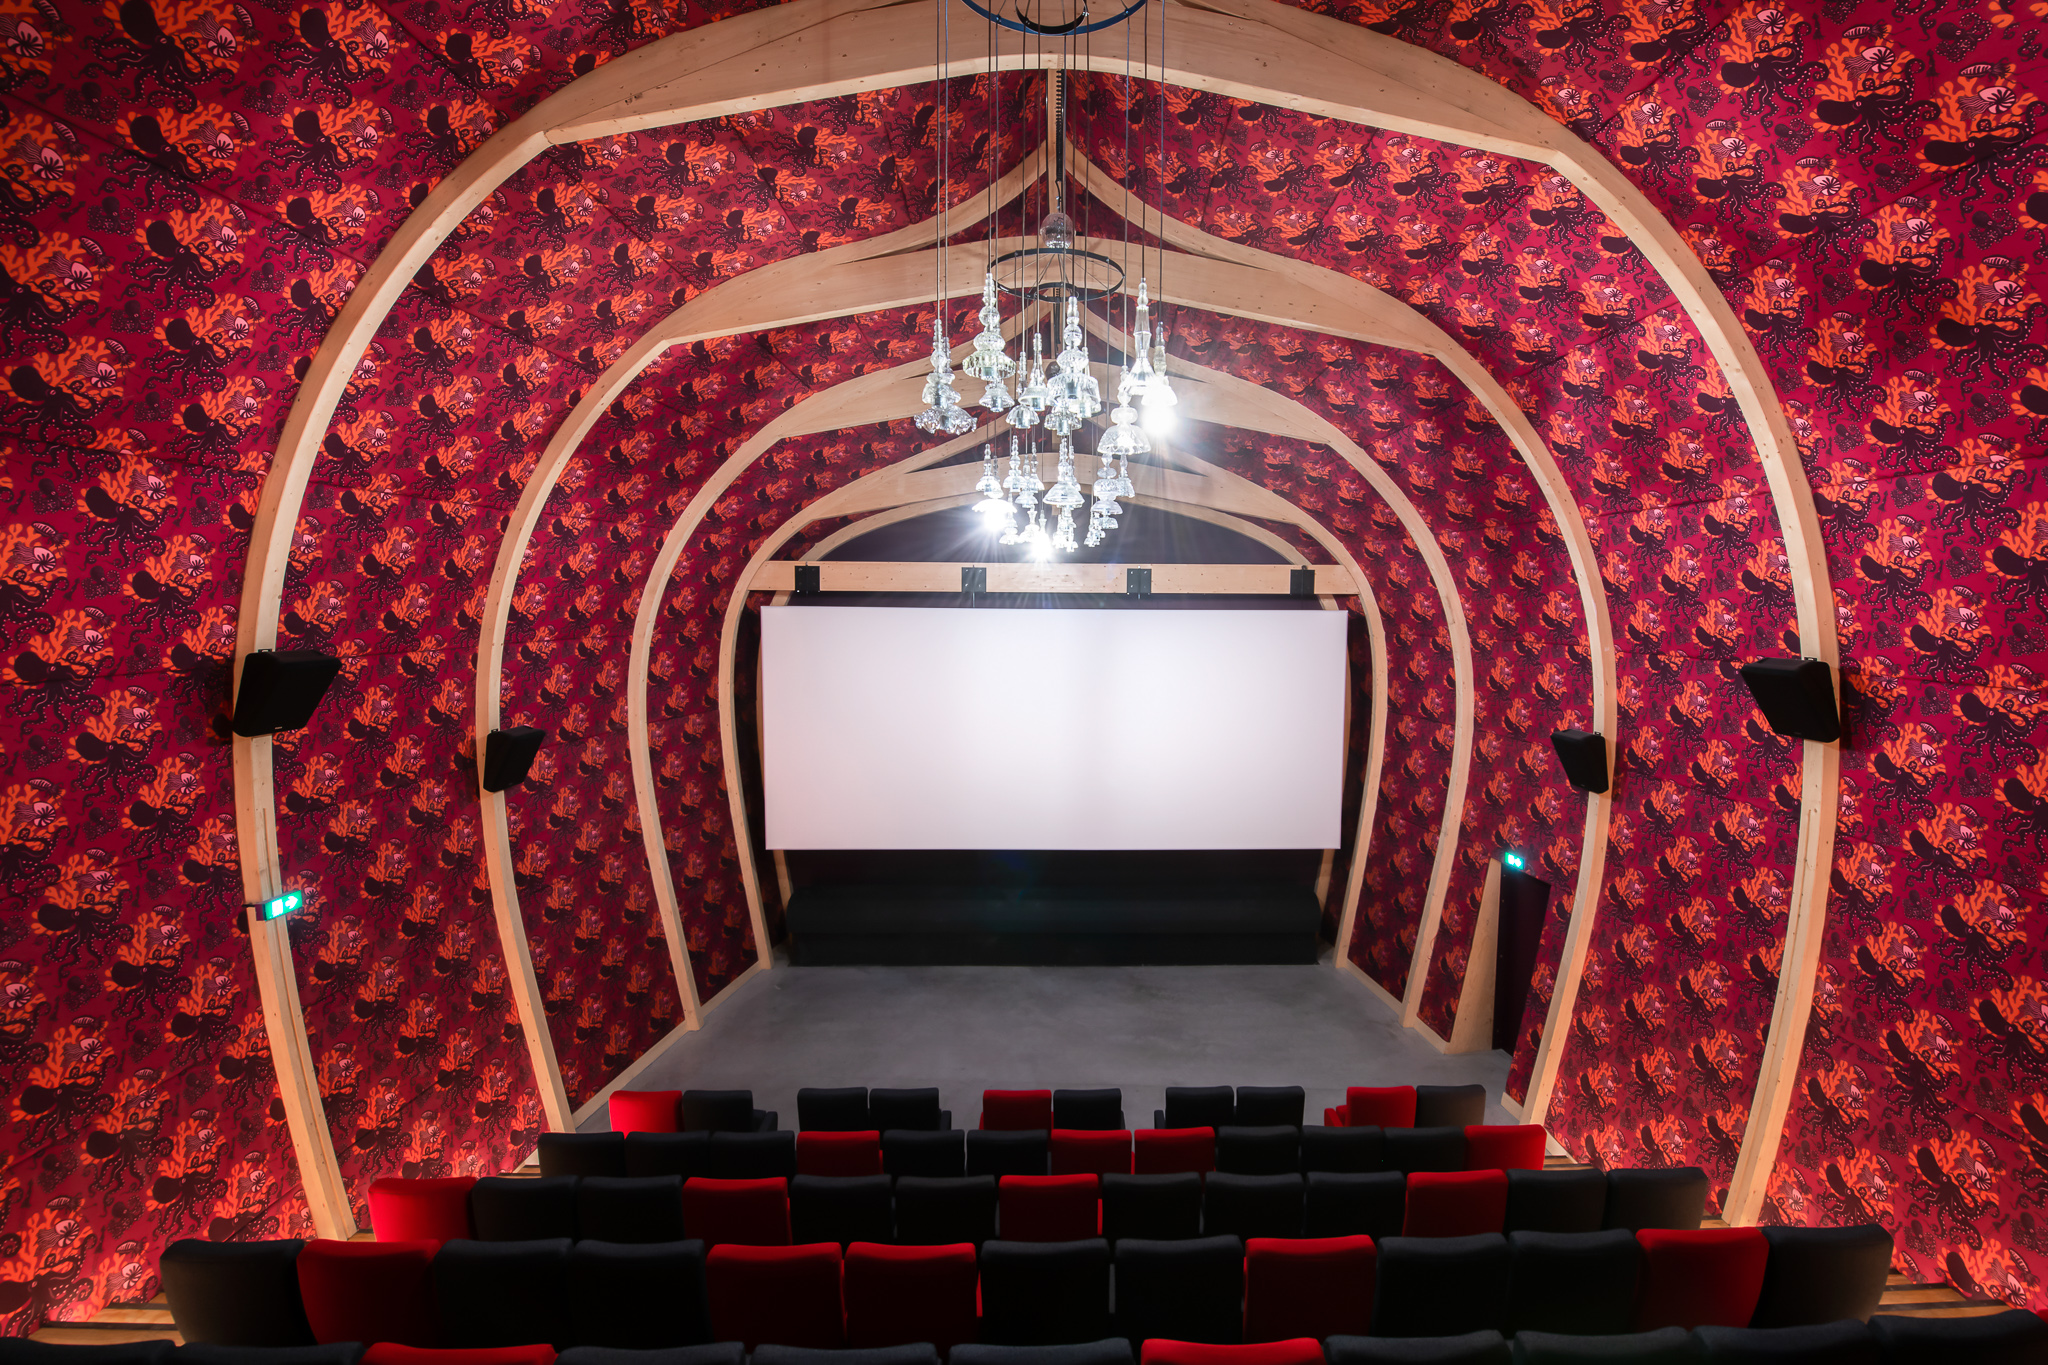 Cinéma La Salamandre_©YLM Picture_11052021_DSC_4799